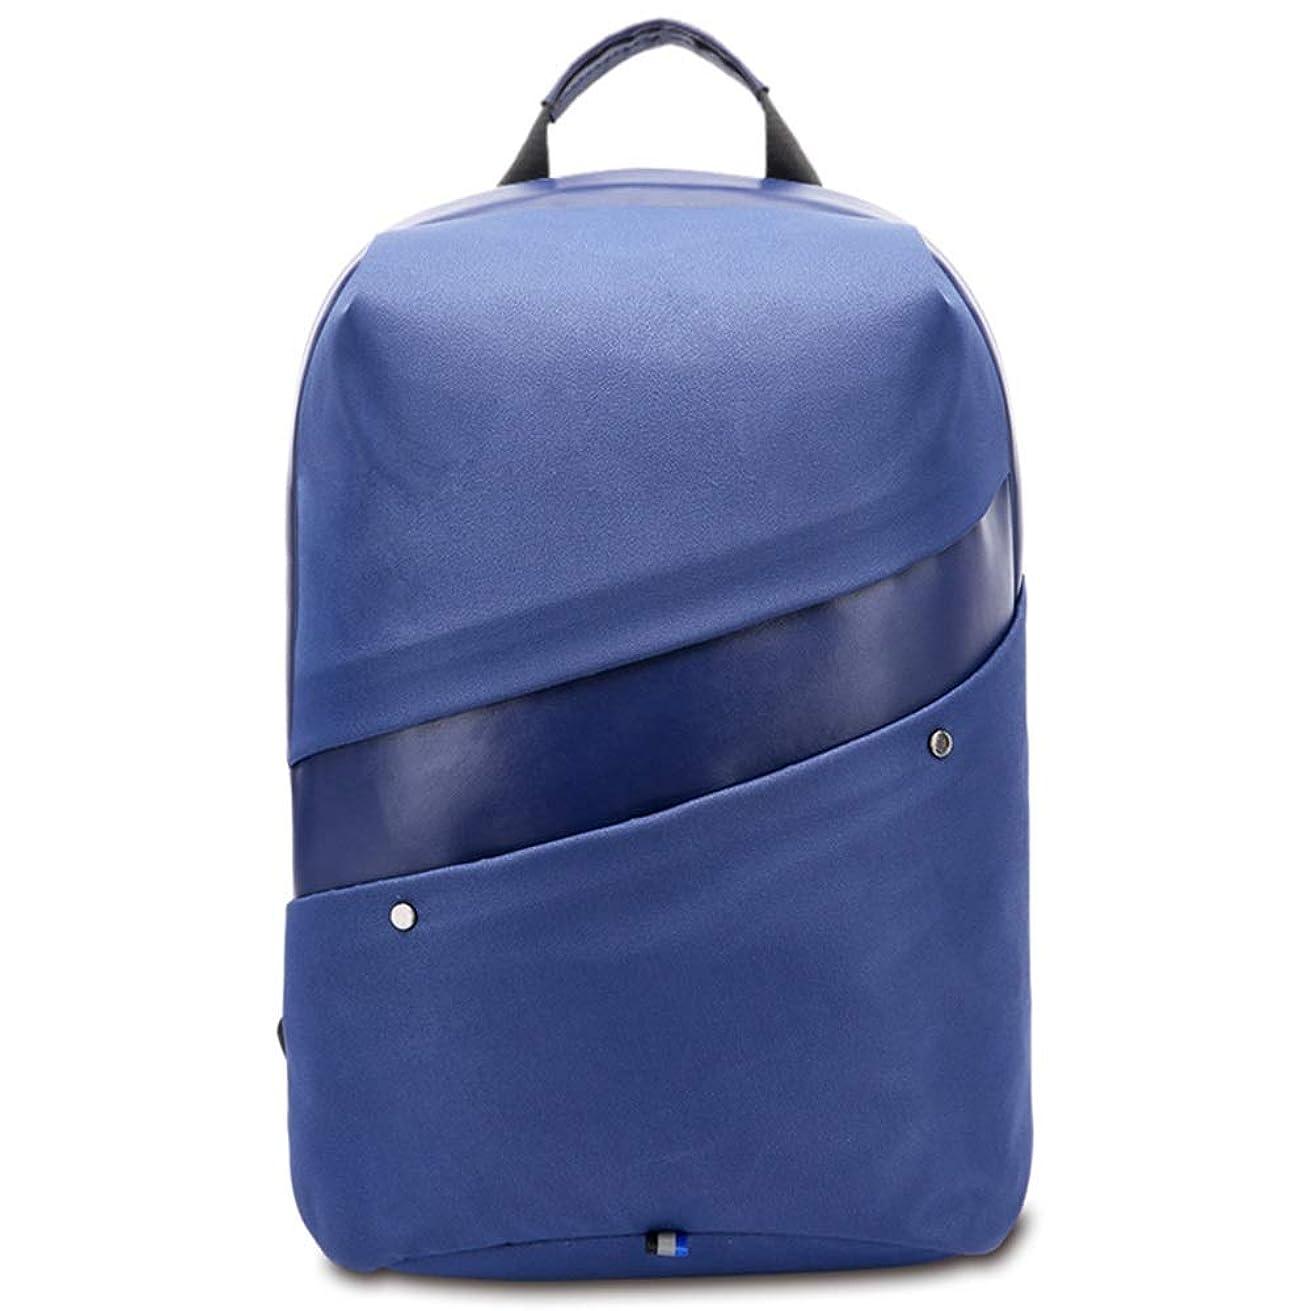 カードオーロックソファー通気性 スタイリッシュでカジュアルなショルダーバッグニュートラルUSBリュックサック防水ビジネスコンピュータバッグ/学生バッグシンプルで便利 (色 : Blue, Size : S)